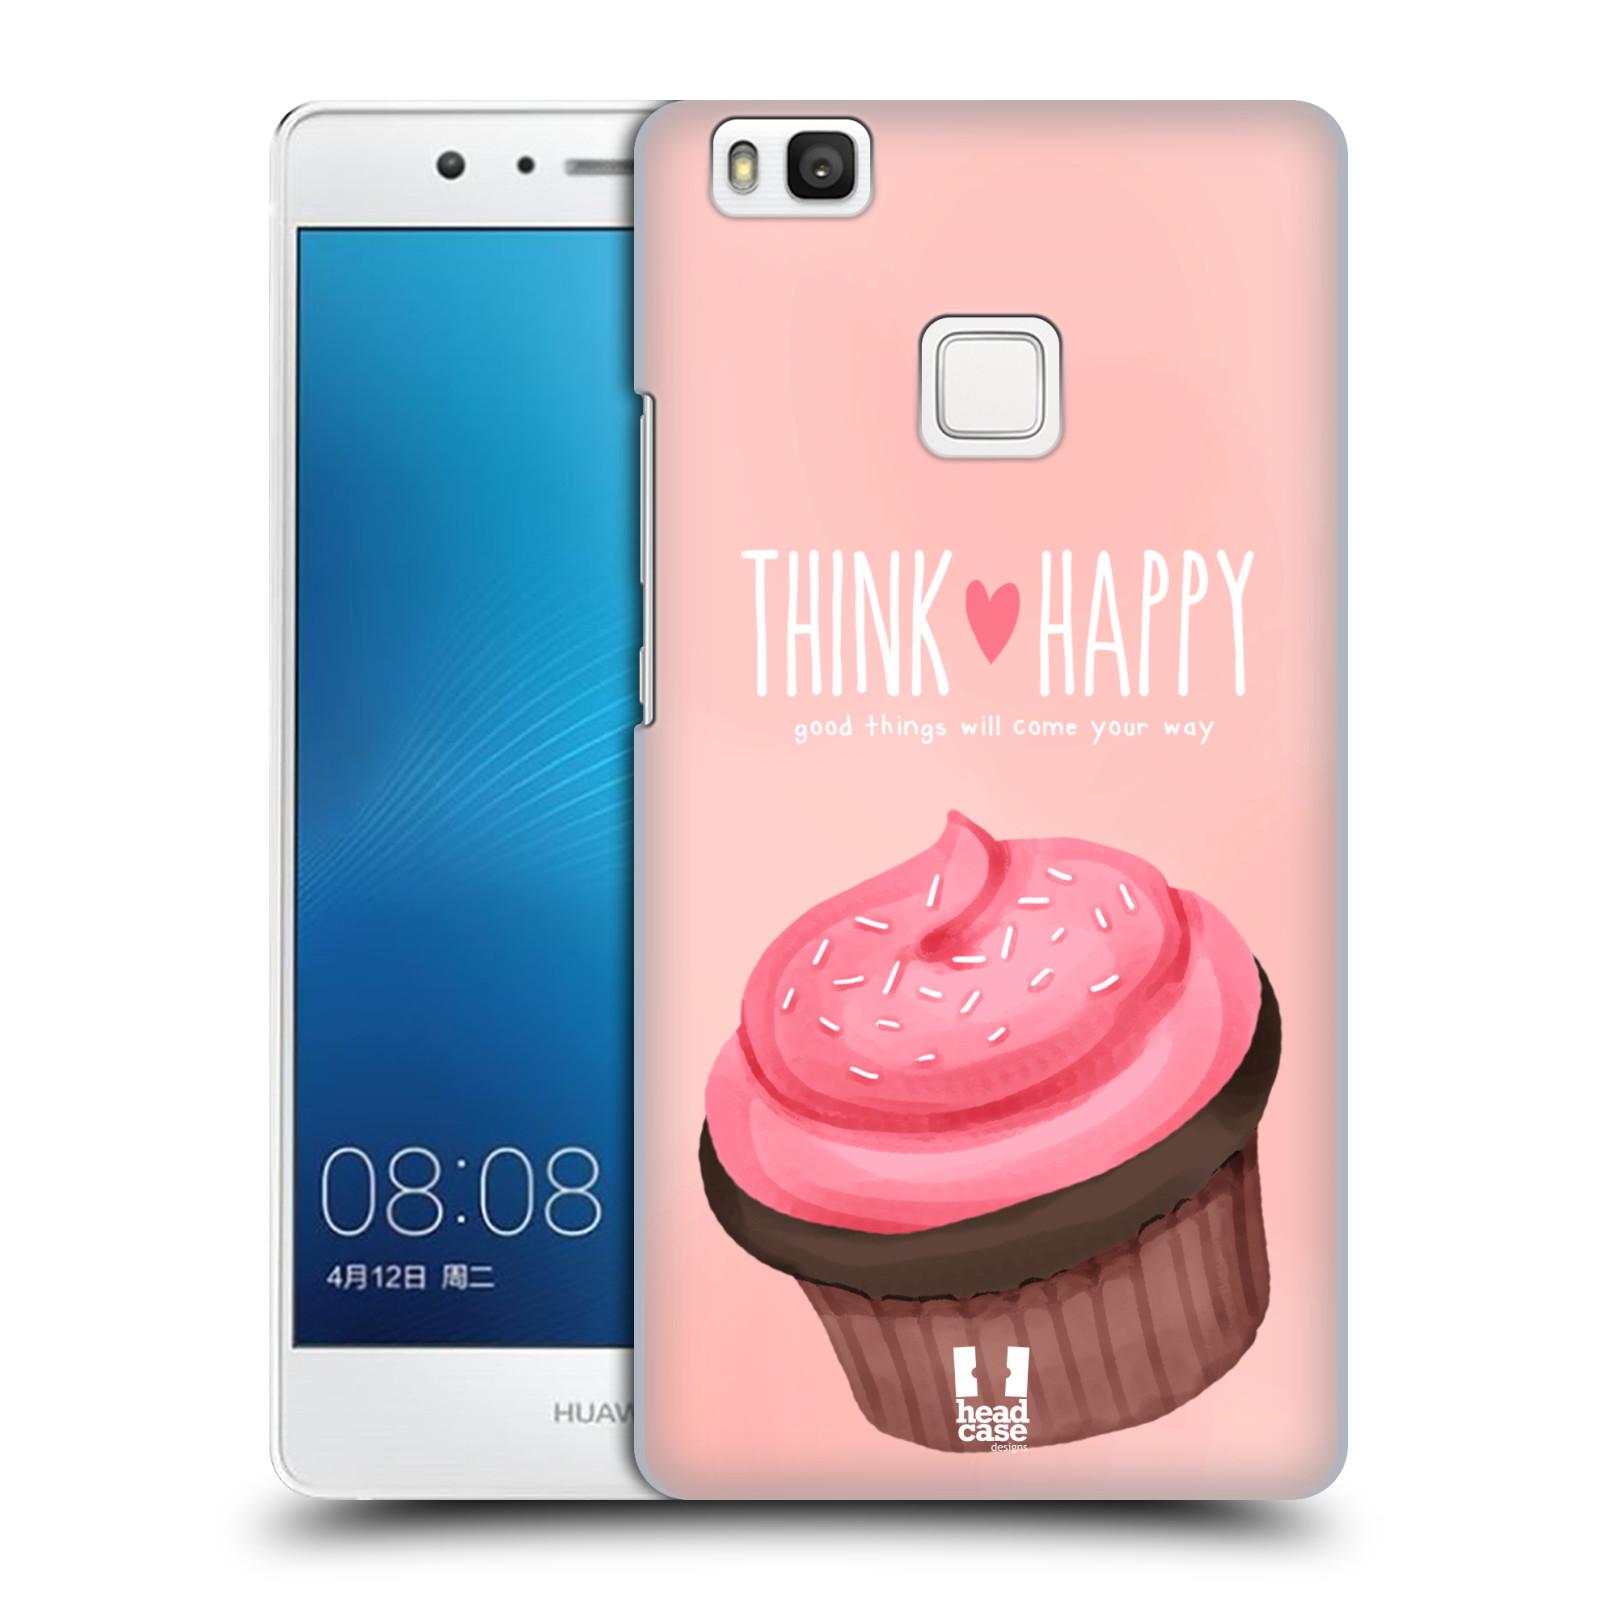 Plastové pouzdro na mobil Huawei P9 Lite HEAD CASE CUPCAKE THINK HAPPY